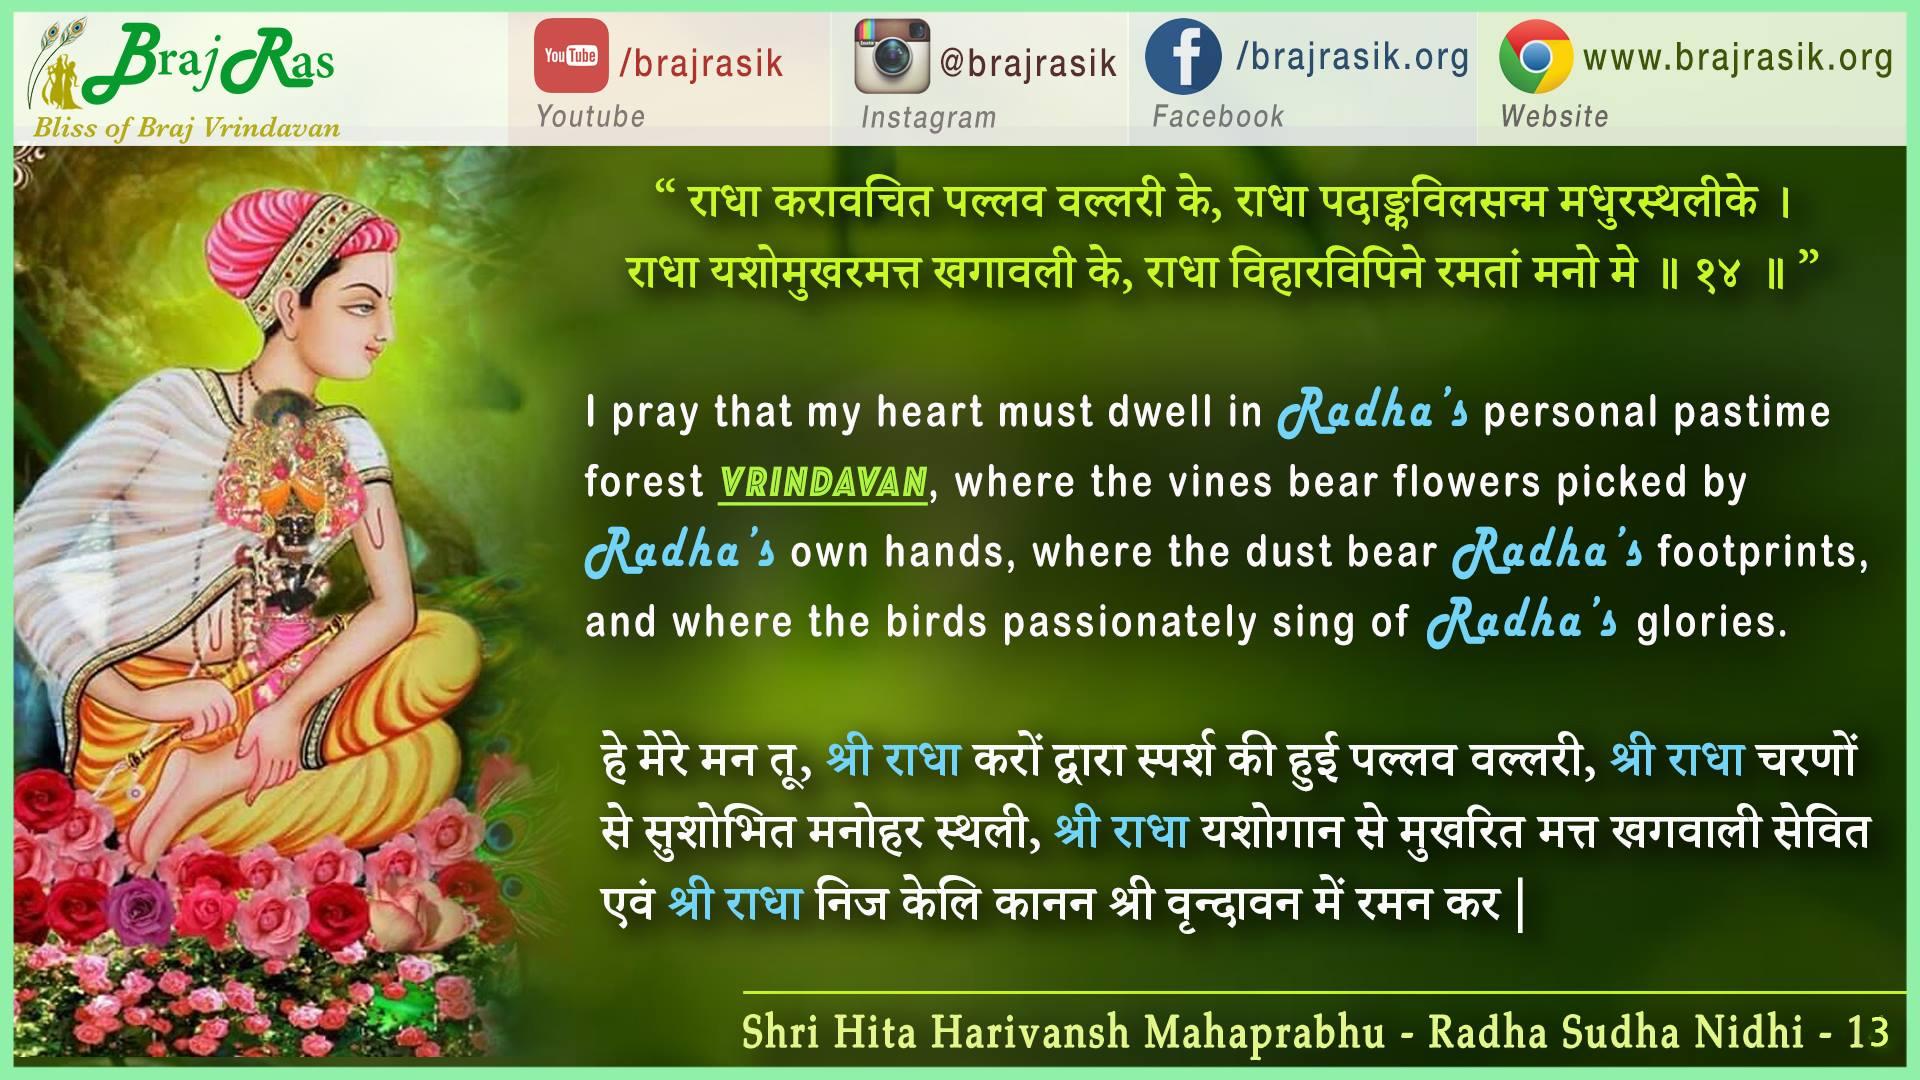 radha-karavacita-pallava-vallarike - Shri Hita Harivansh Mahaprabhu - Radha Sudha Nidhi (14)